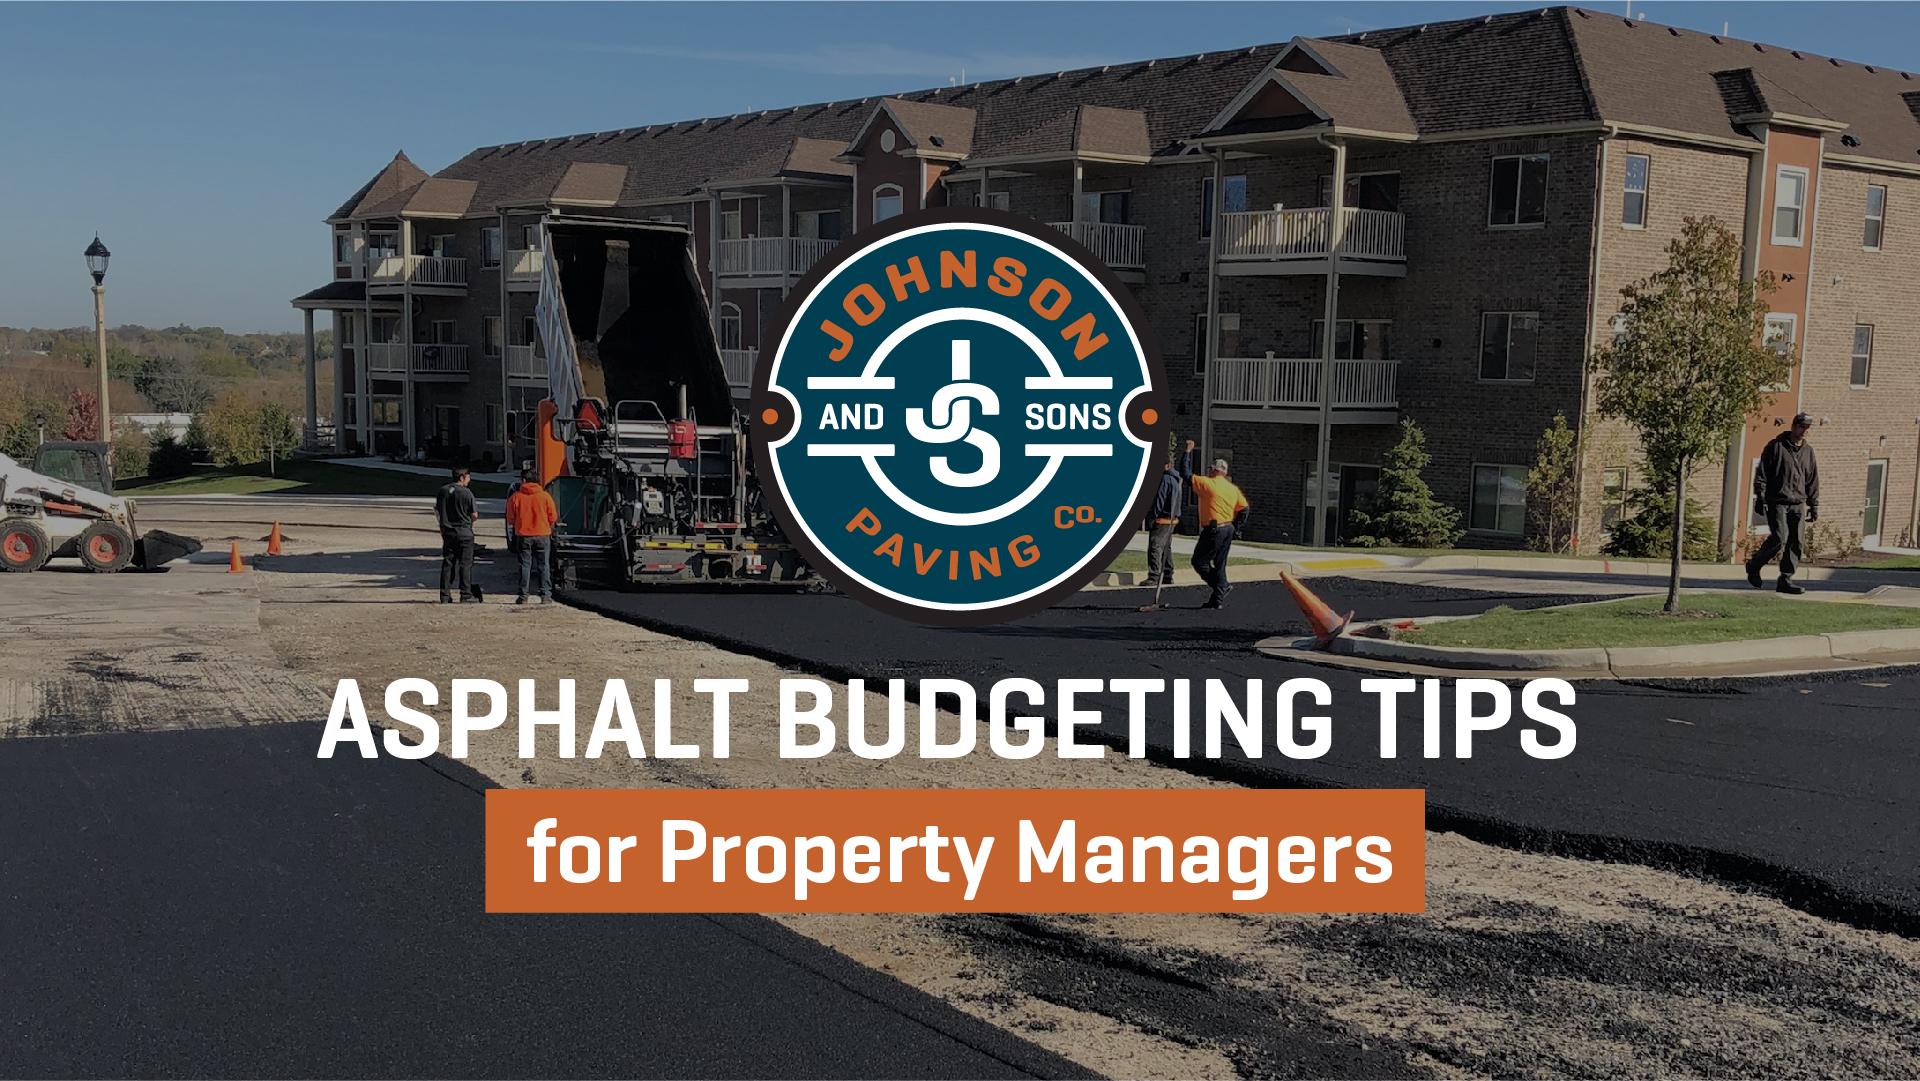 Asphalt Budgeting Tips